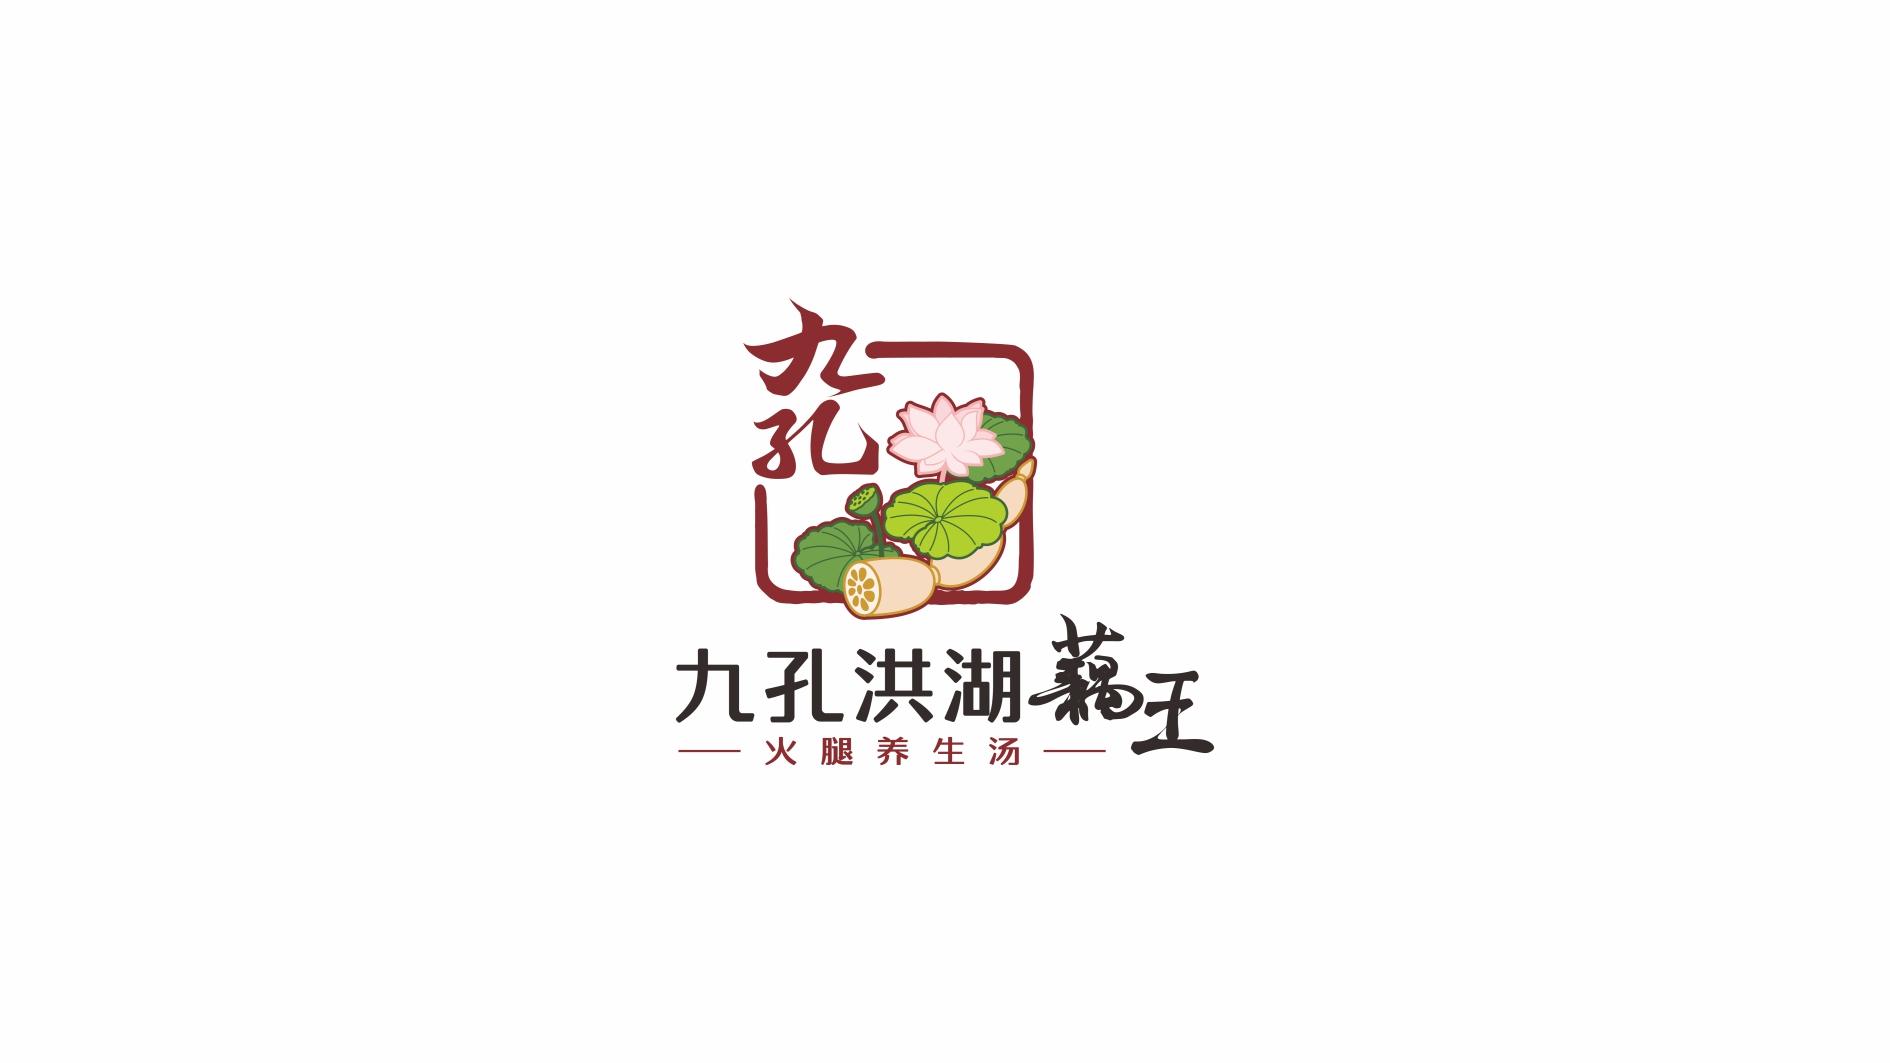 九孔洪湖藕王公司LOGO万博手机官网